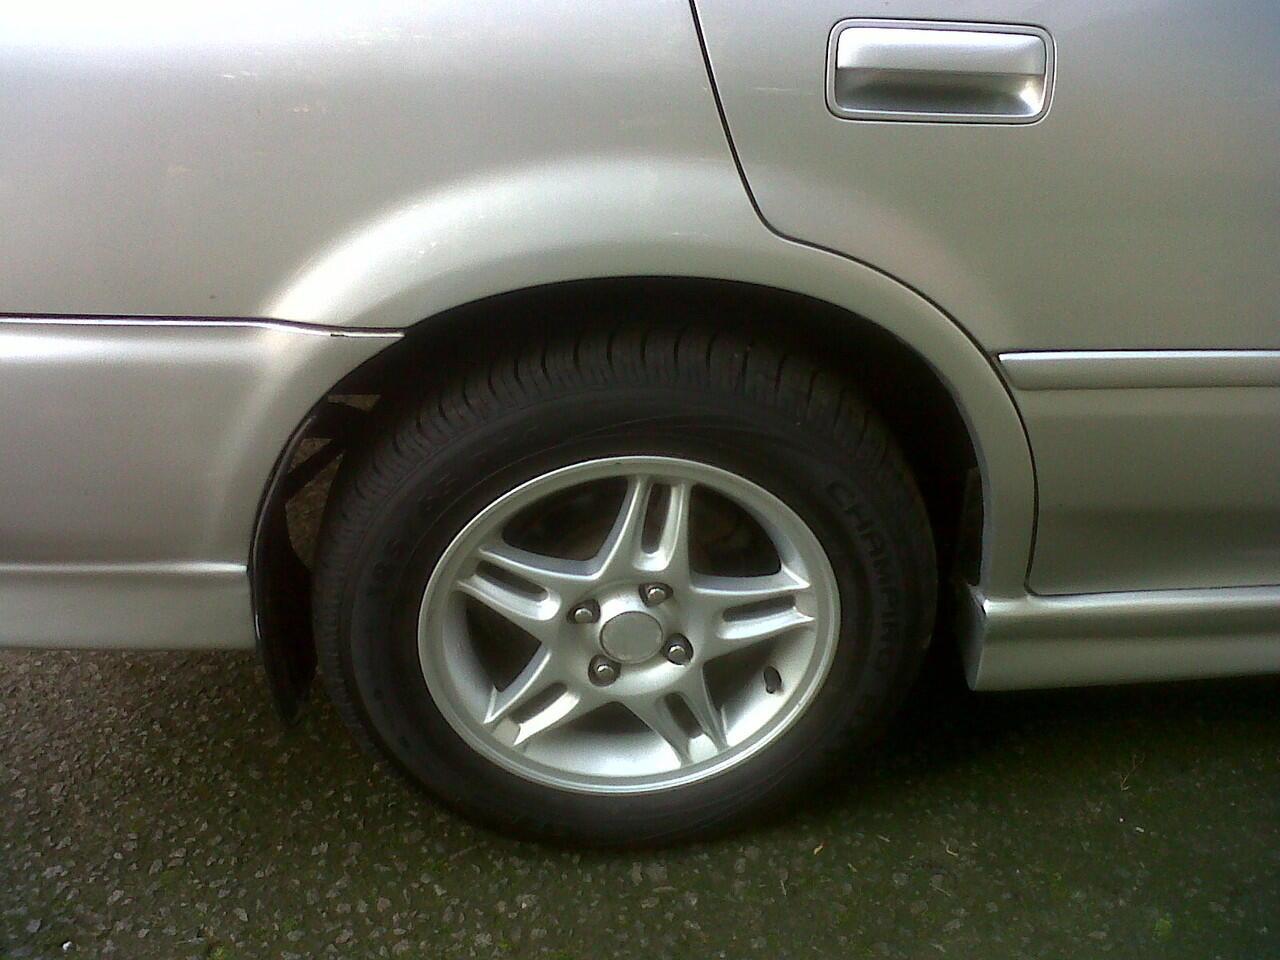 Jual Honda city Z 2002 silver,terawat,kondisi oke,blh nego gan,ayo buruan dicek agan!